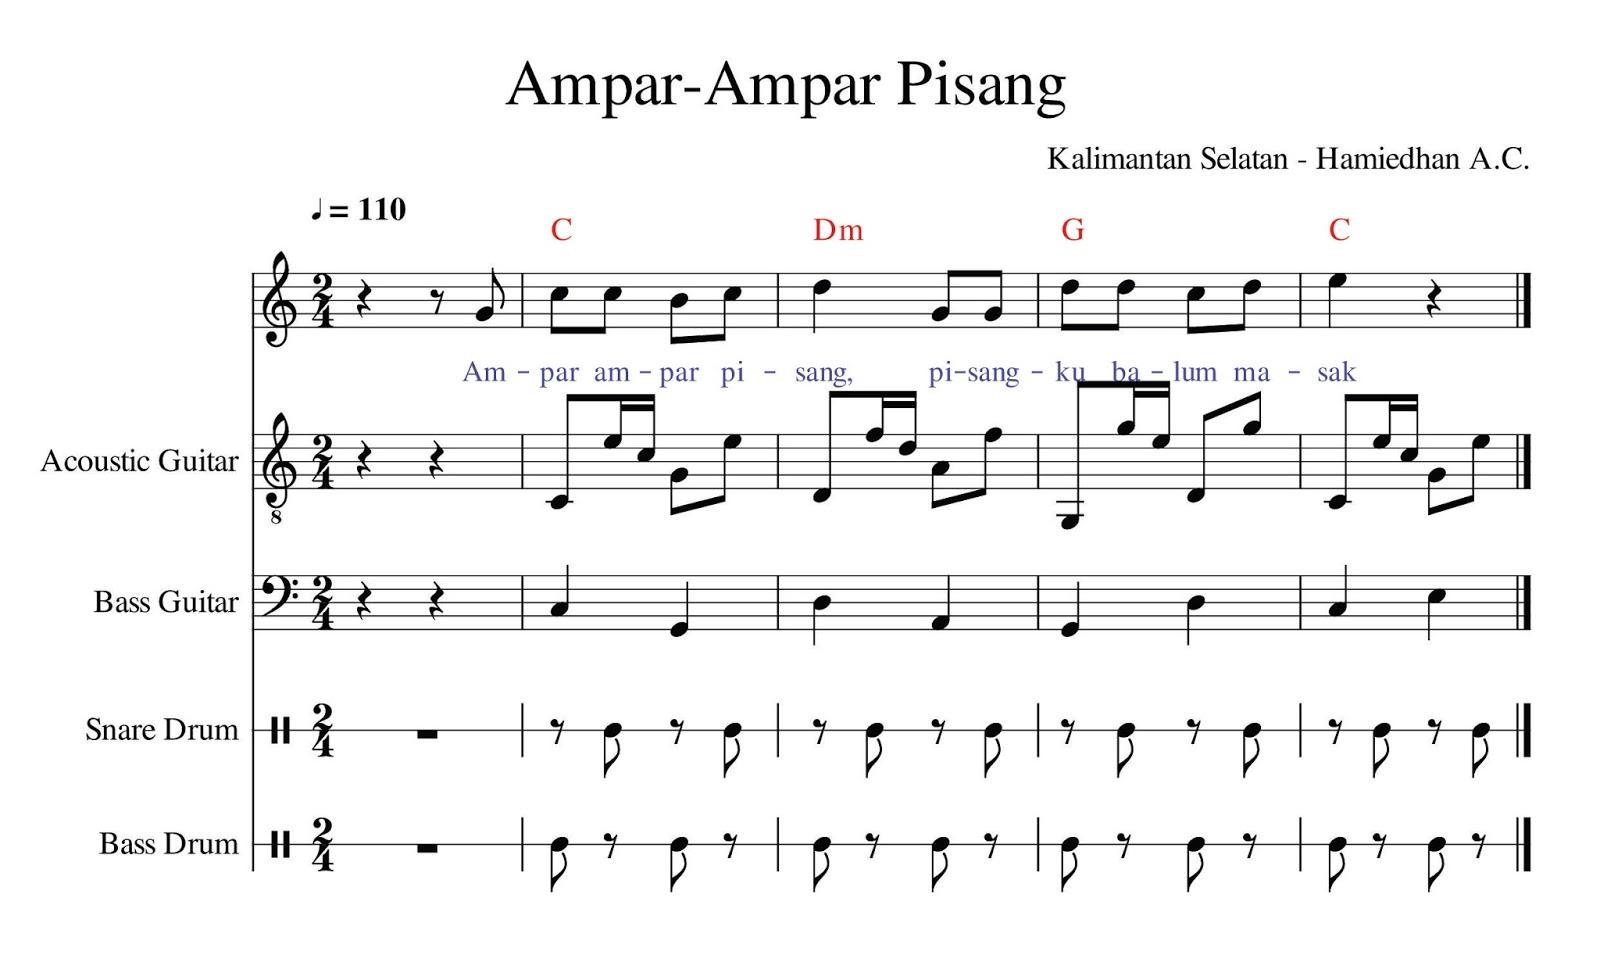 Aransemen Musik Country Ampar Ampar Pisang  SEPUTAR MUSIK